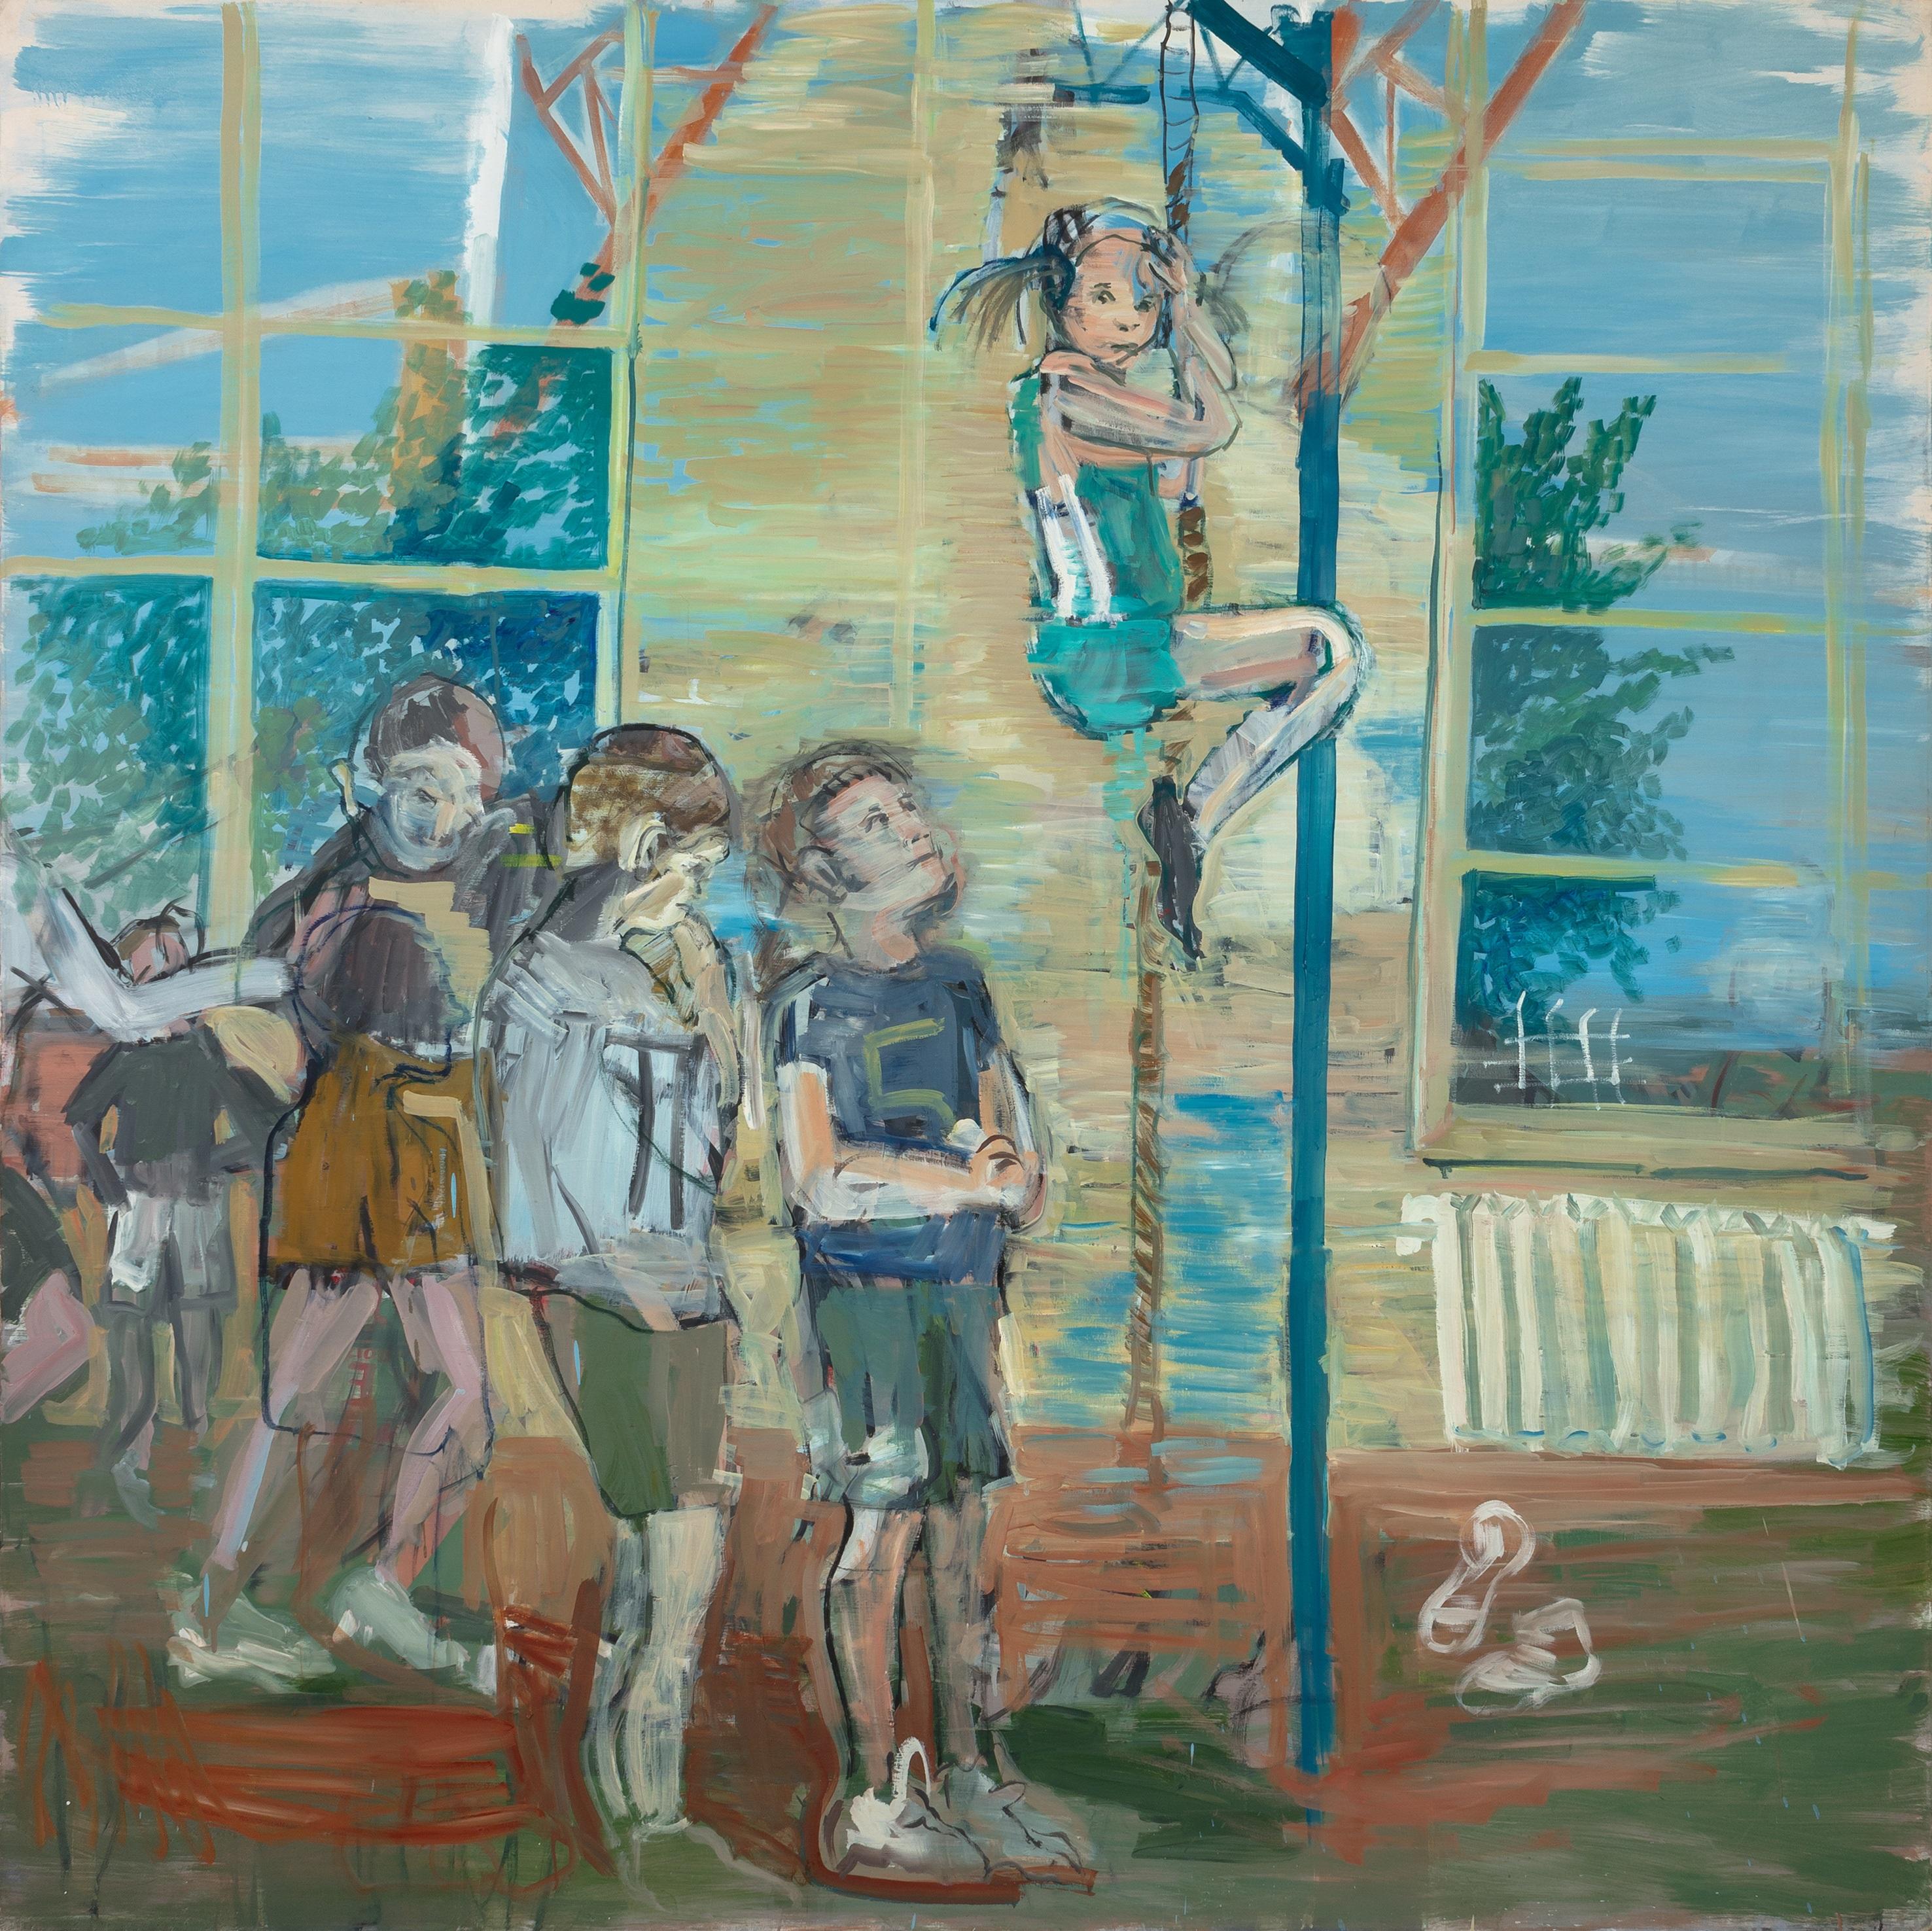 Eglė Butkutė. Aš aukštai ir man baisu! Too High! too High!! Aaliejus, drobė. Oil on canvas. 200 x200 cm, 2017